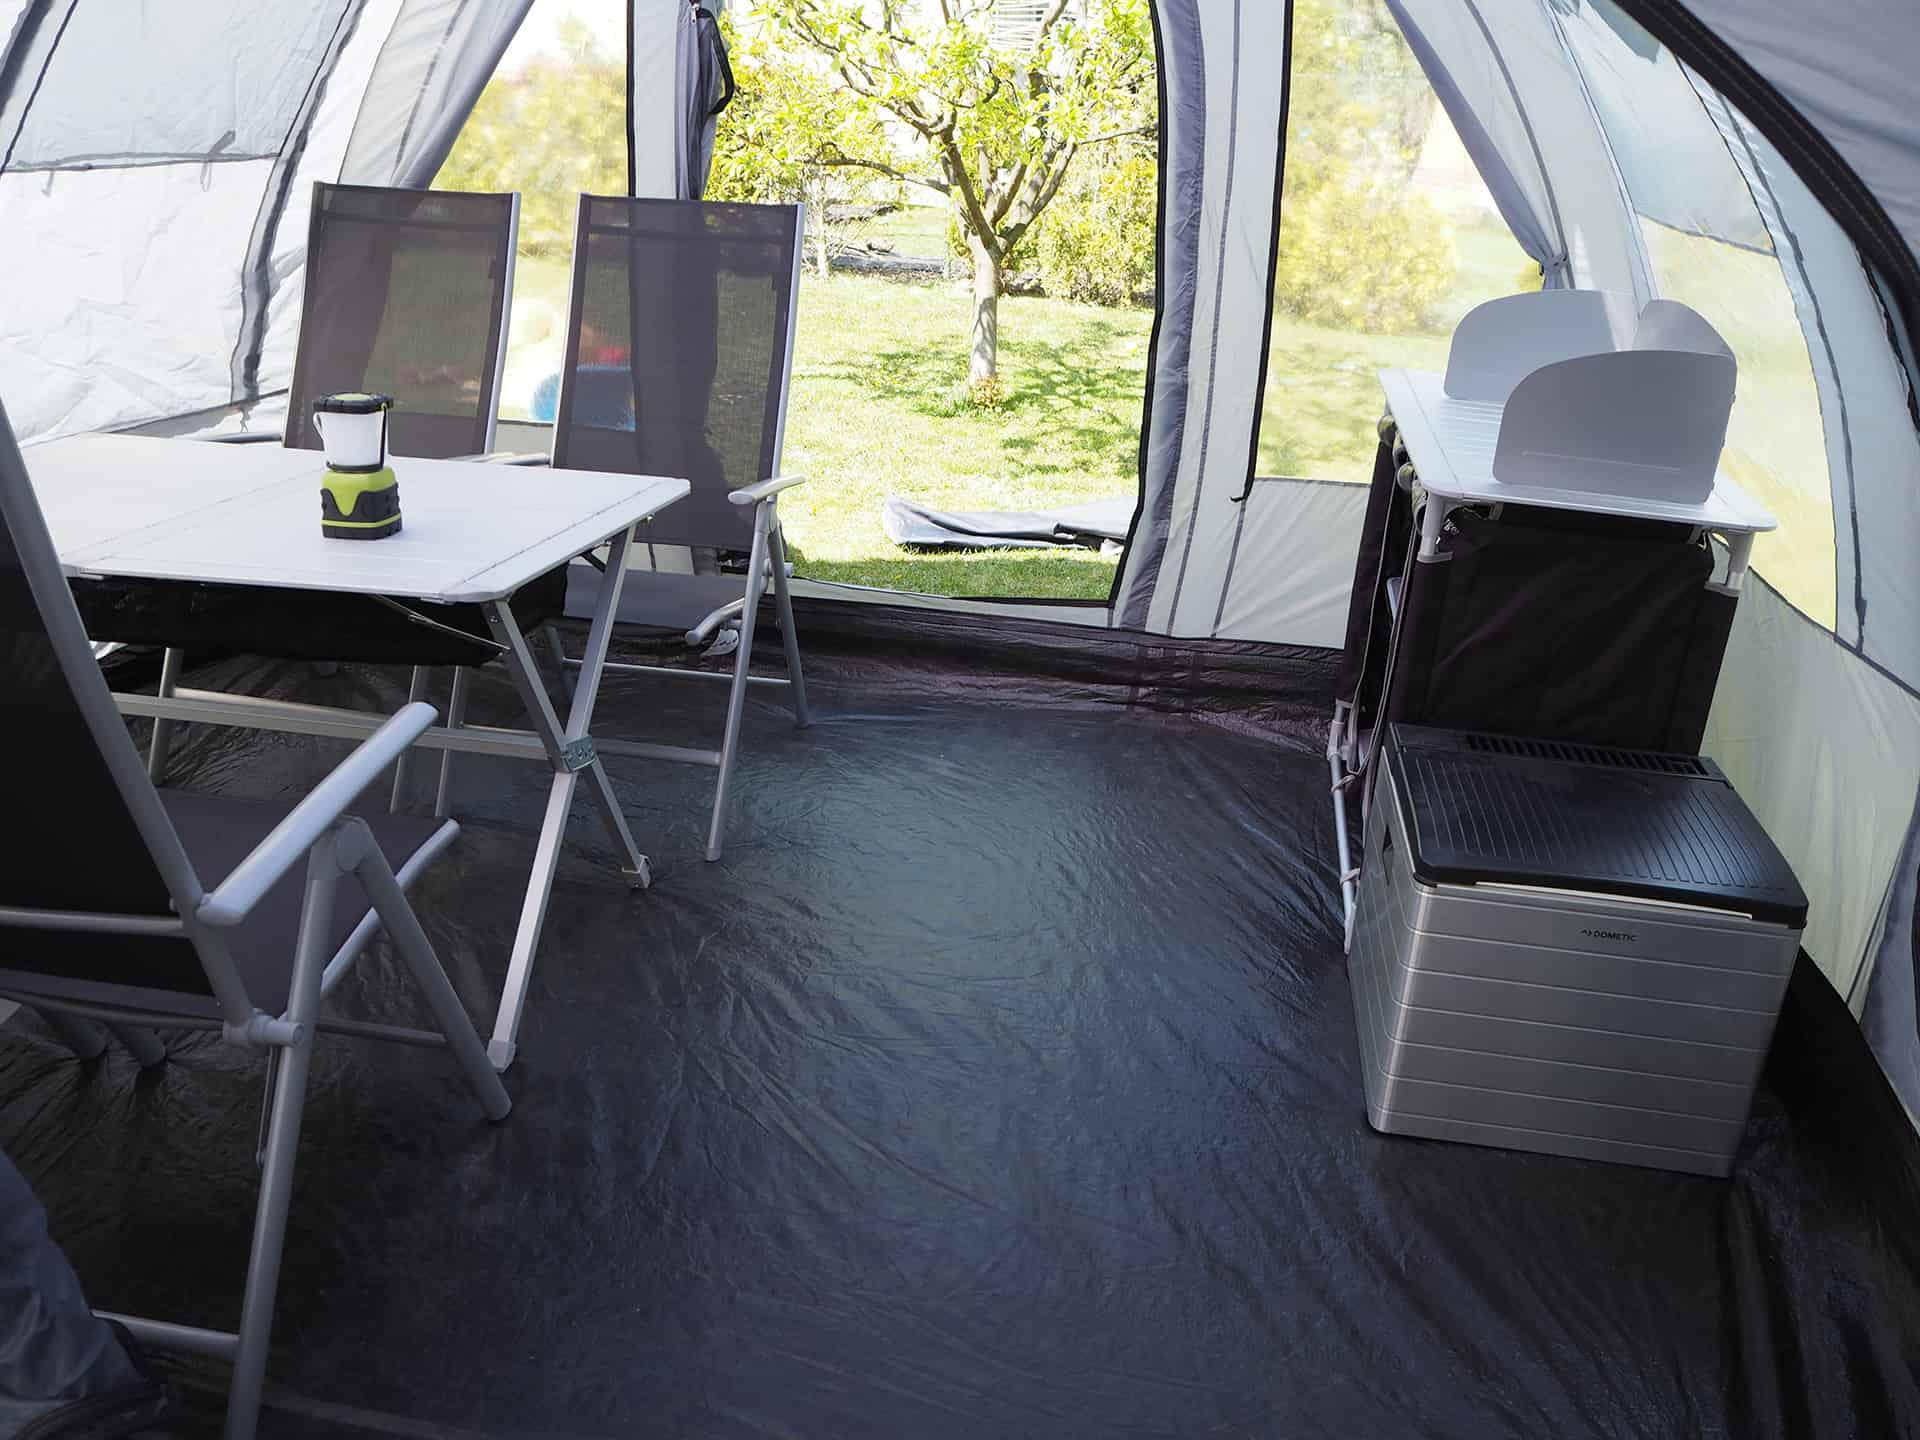 Großen Zelt mit genug Platz für 4 Personen